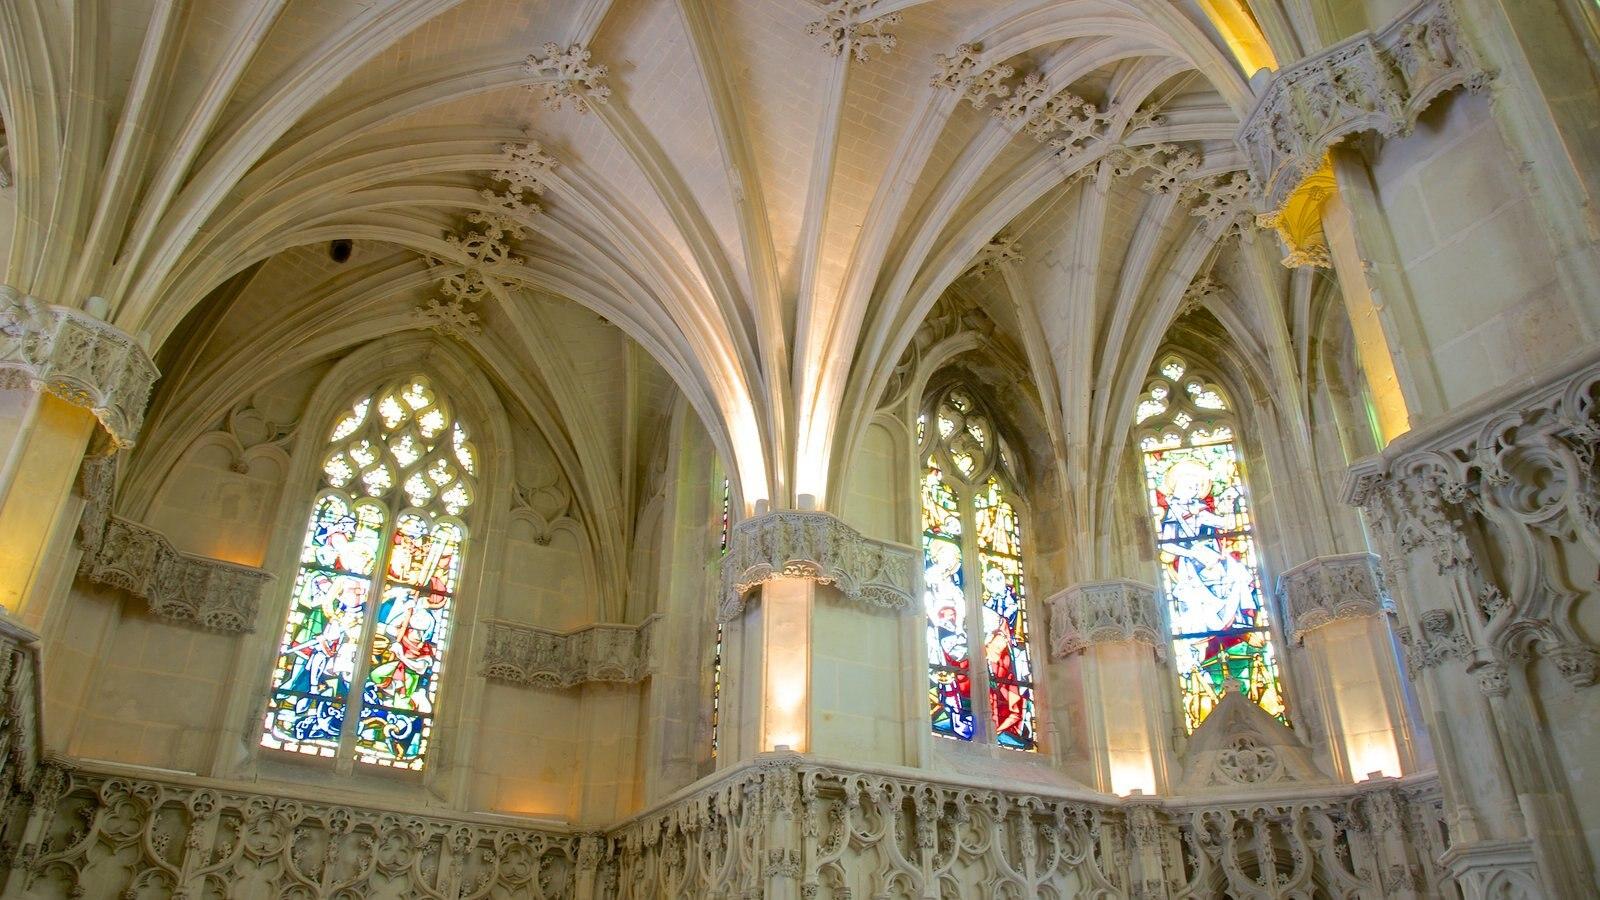 Chateau d\'Amboise caracterizando vistas internas, arquitetura de patrimônio e um pequeno castelo ou palácio